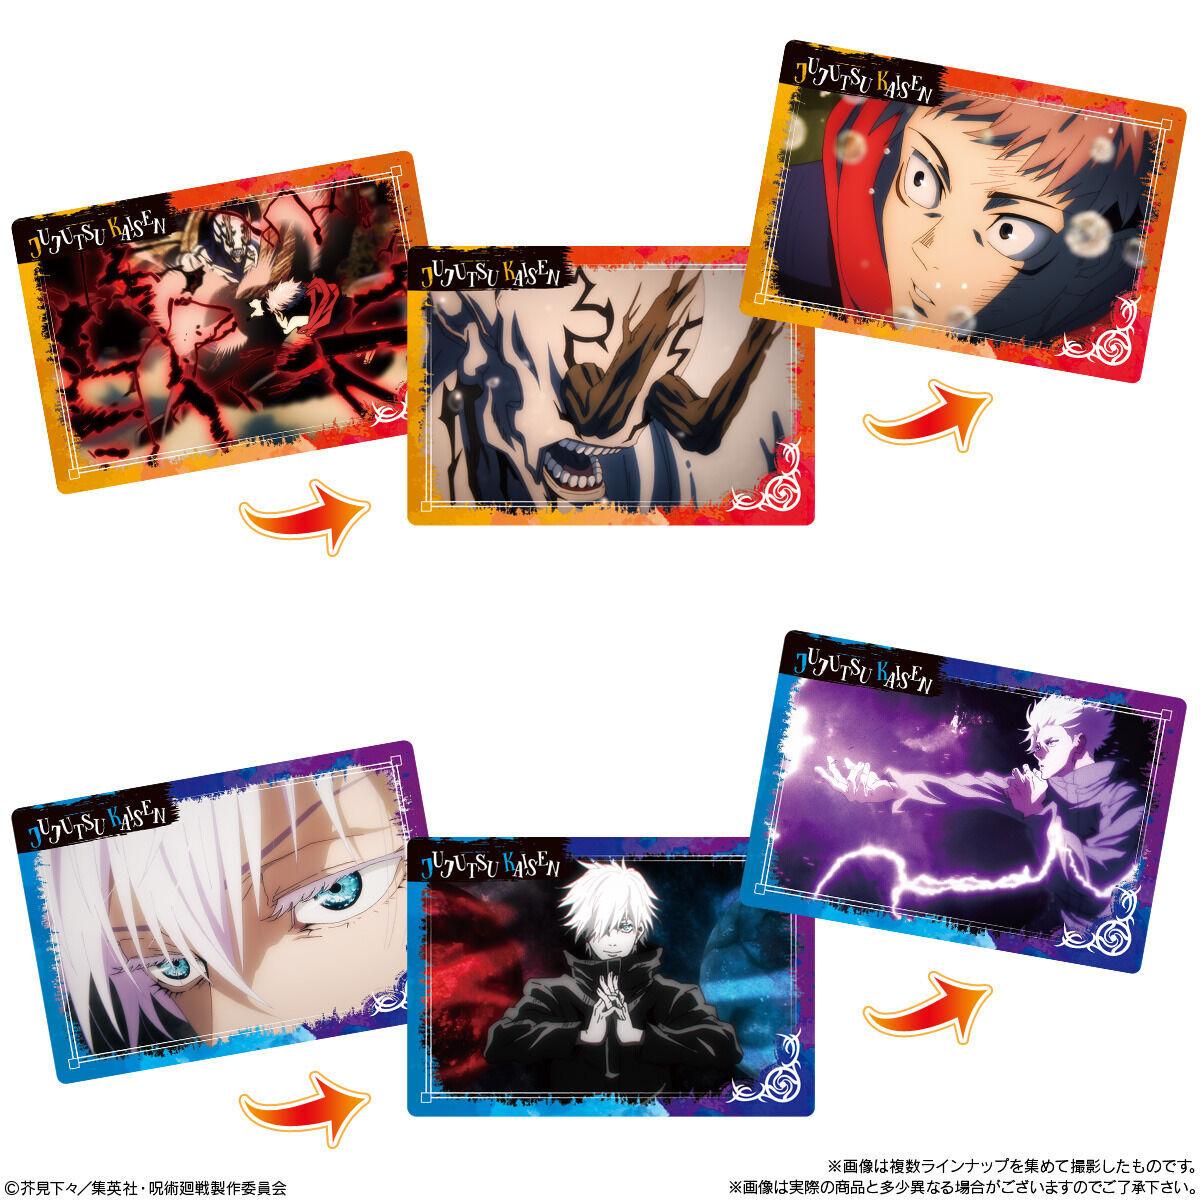 【食玩】呪術廻戦『呪術廻戦 PLAY BACKカードチョコスナック2』10個入りBOX-007